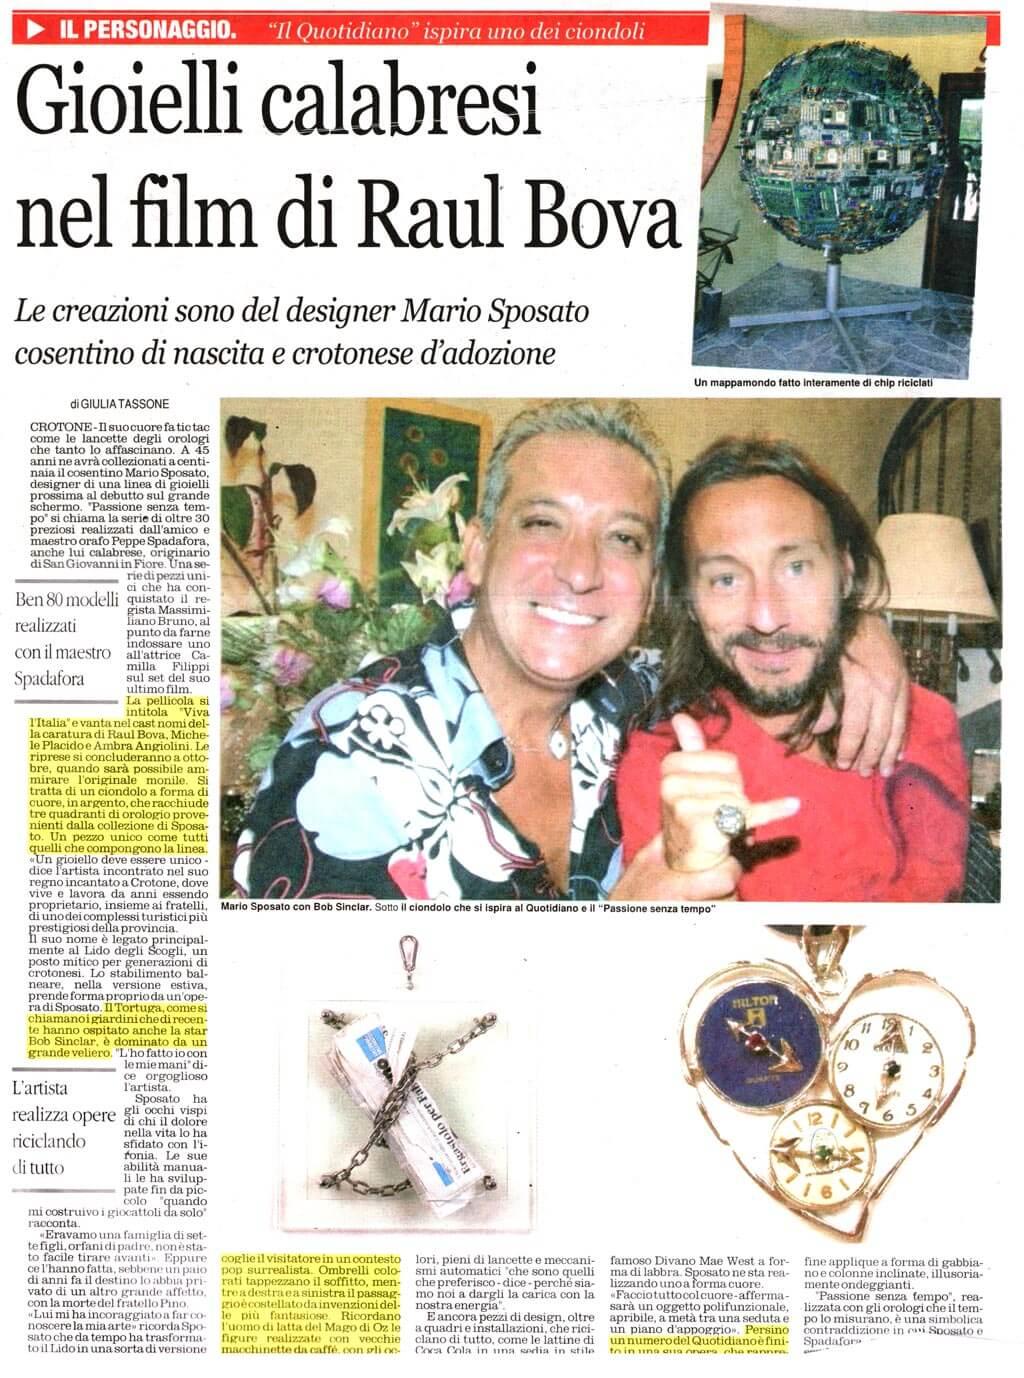 8 Il Quotidiano Della Calabria 4 9 2012 Mario Sposato